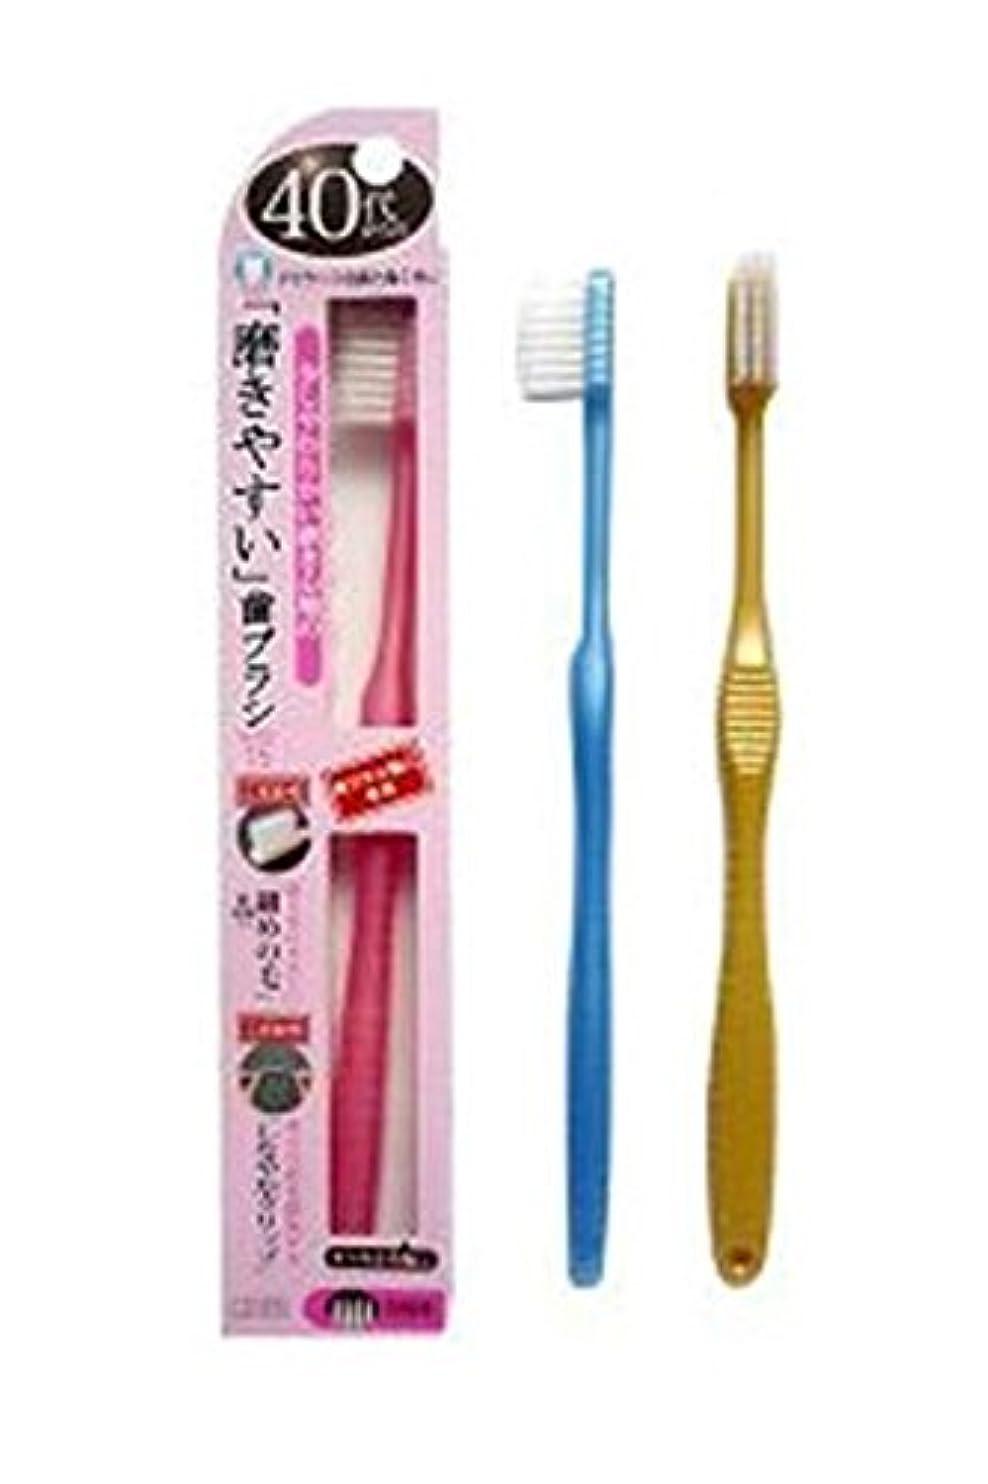 かける階段眠っているライフレンジ 40代からの「磨きやすい」歯ブラシ 先細 12本 (ピンク4、ブルー4、ゴールド4)アソート